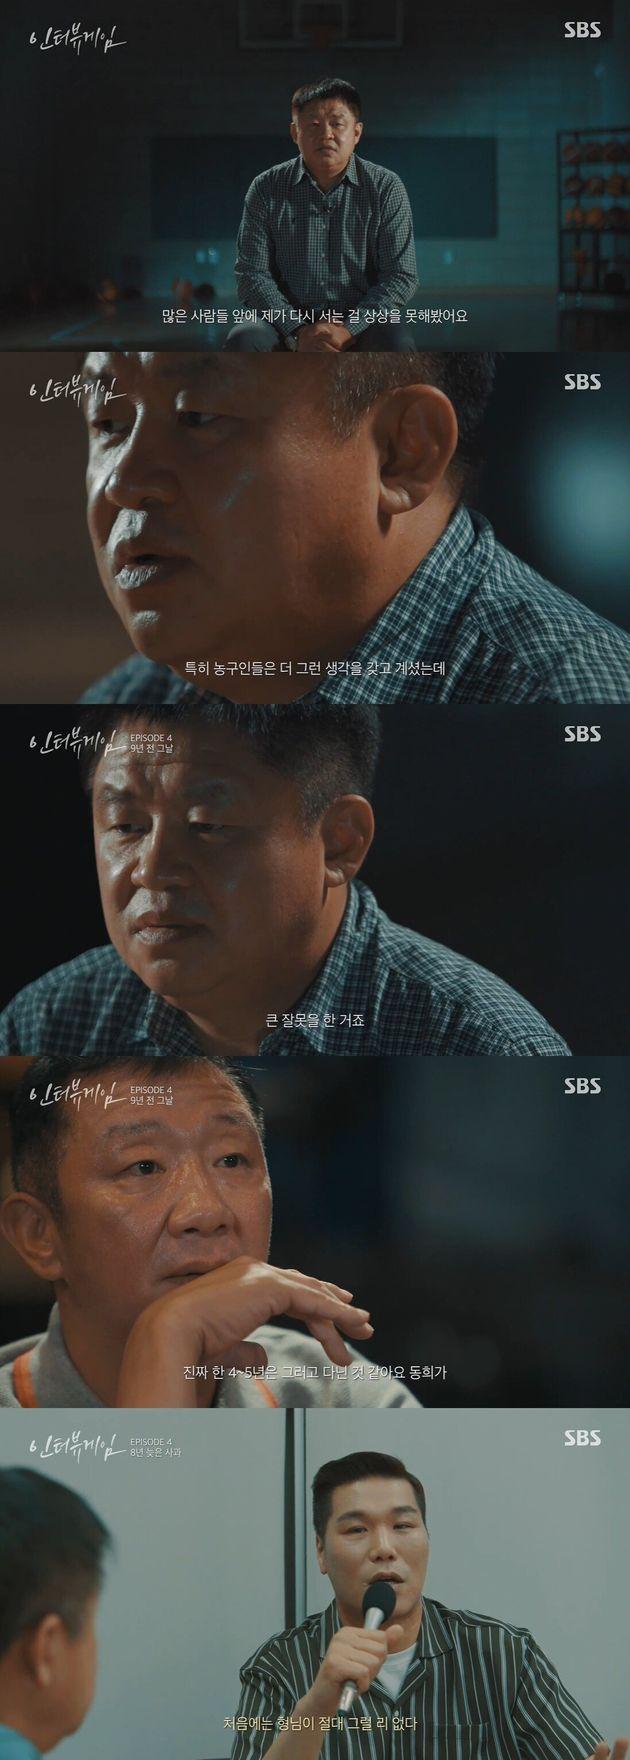 강동희 전 감독이 승부 조작 이후 처음으로 대중들에게 모습을 드러냈다